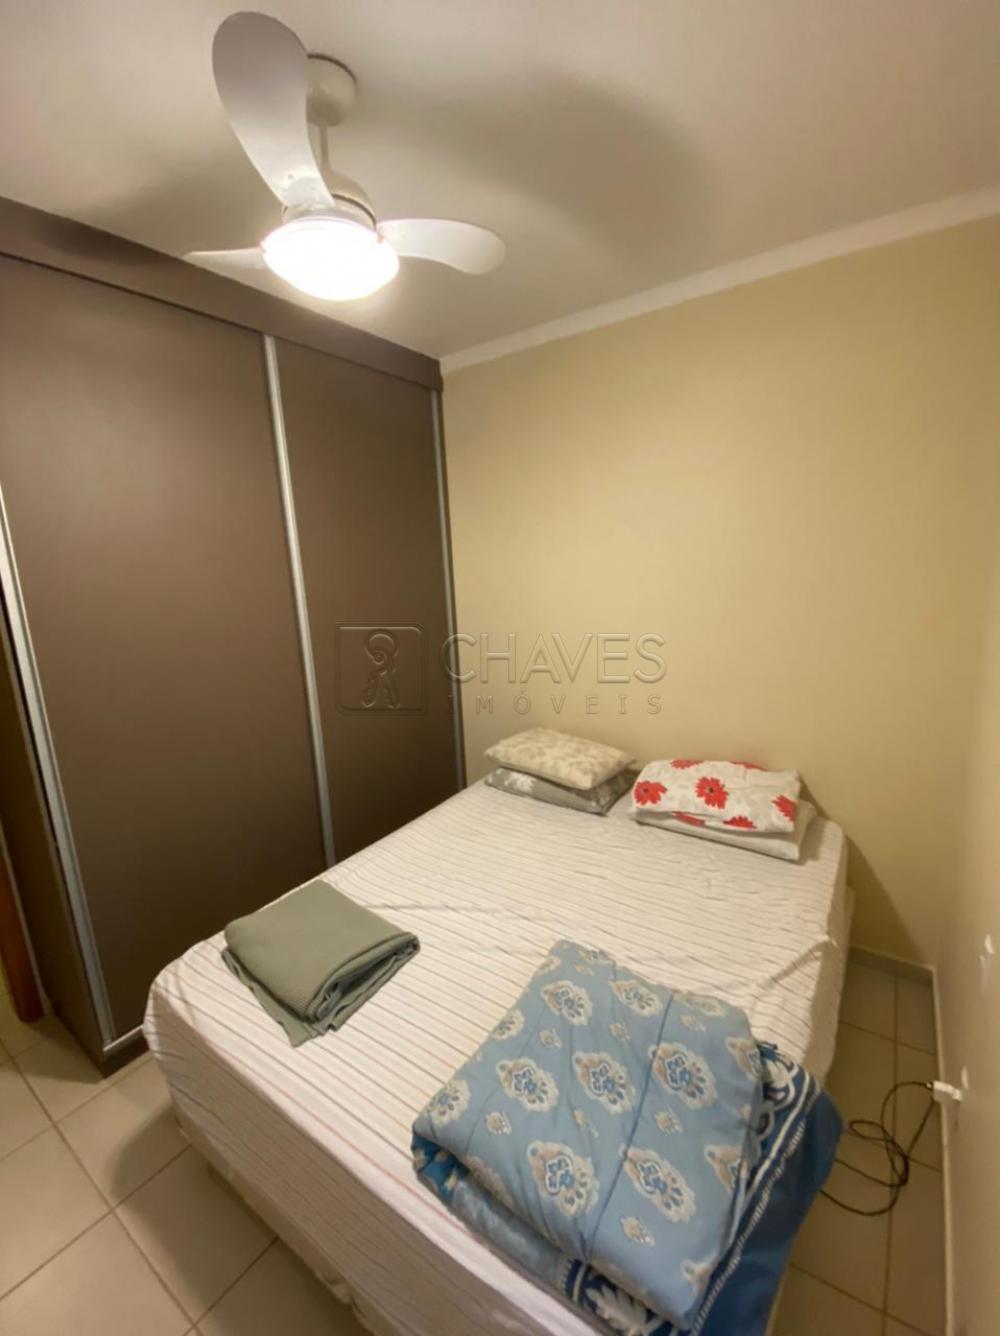 Comprar Casa / Condomínio em Ribeirão Preto apenas R$ 920.000,00 - Foto 12